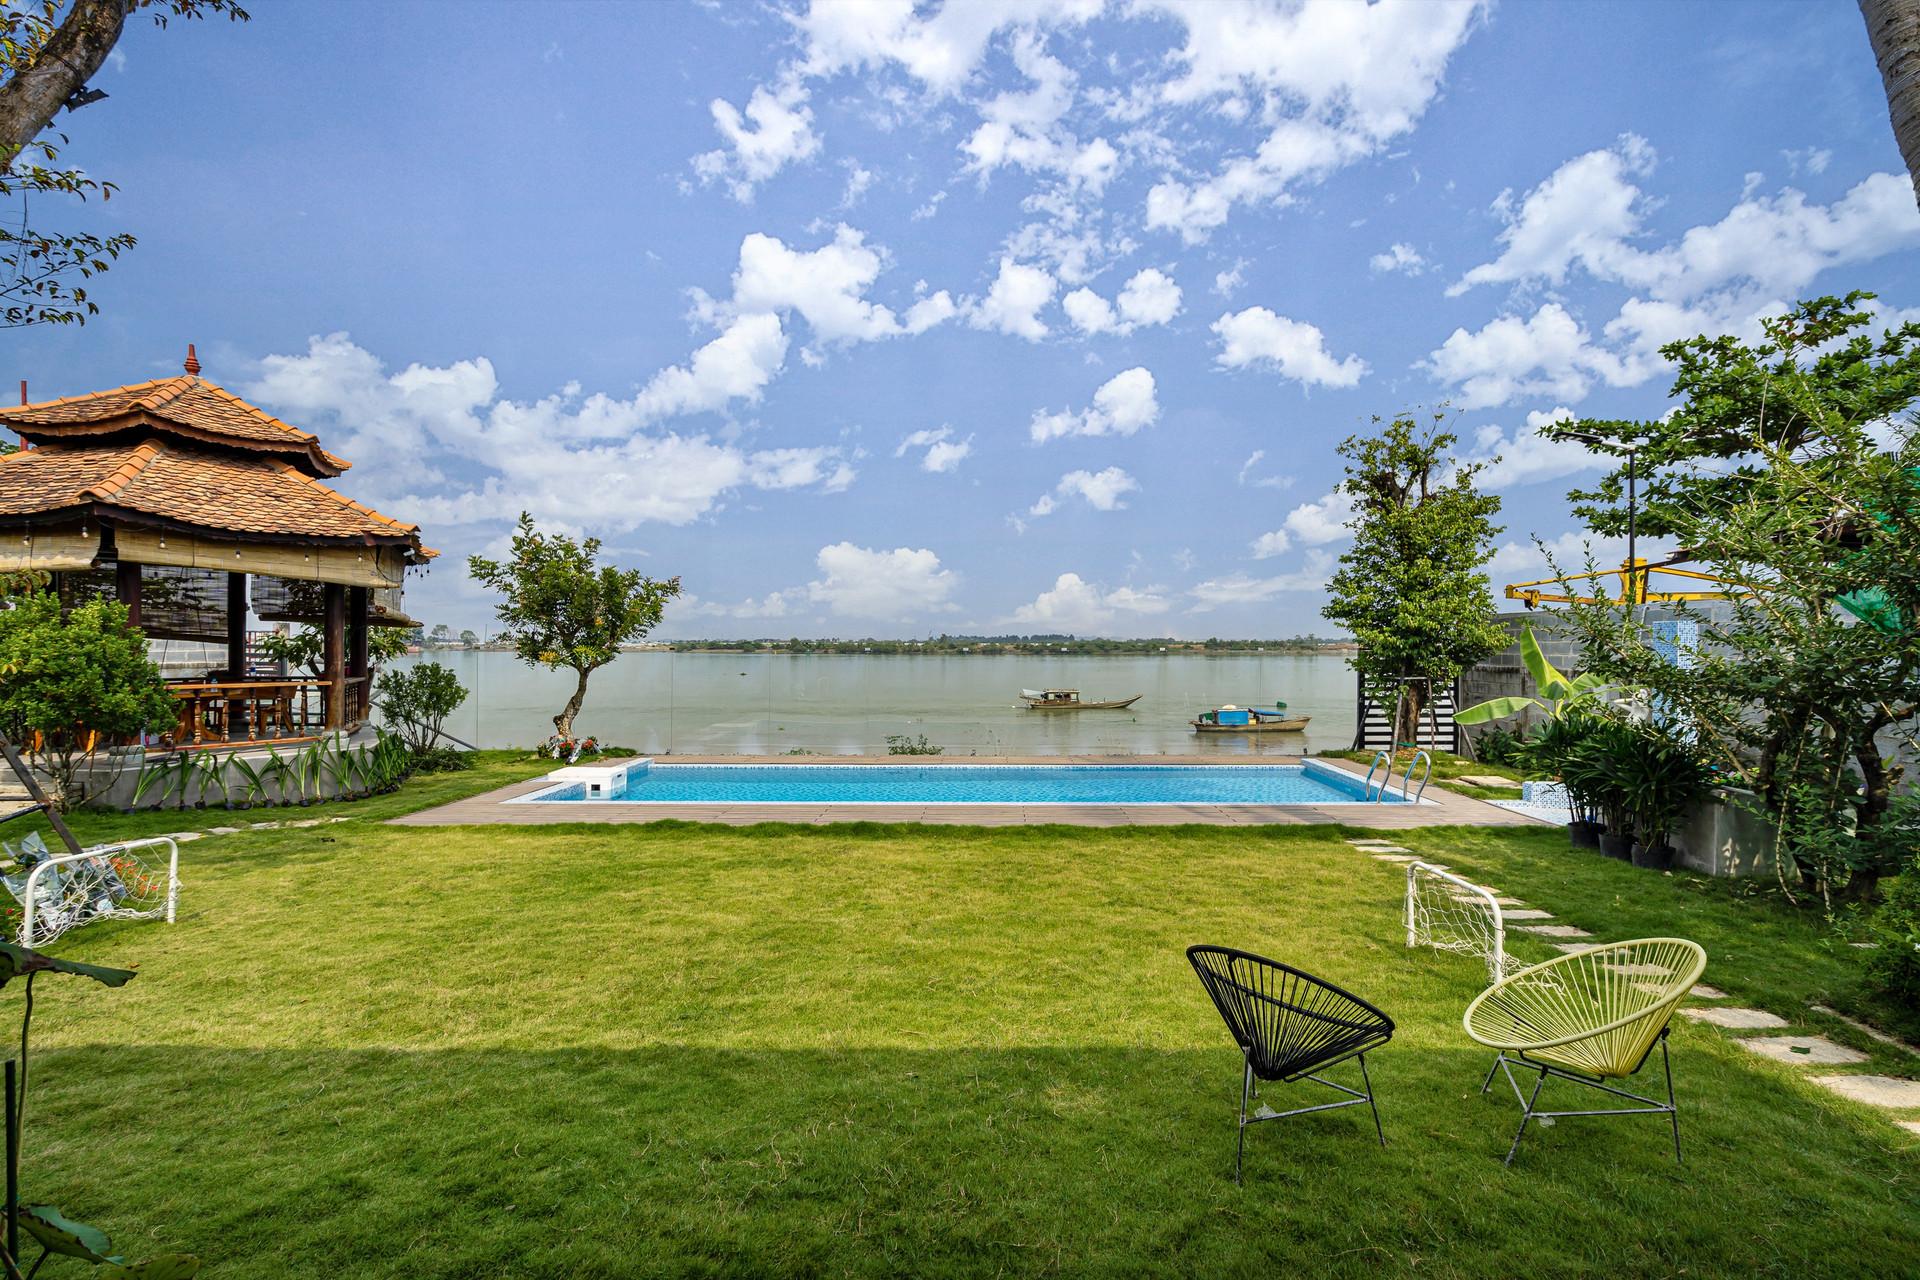 Xây nhà vườn có bể bơi né dịch, chàng trai tự thiết kế rẻ và đẹp lung linh - 15